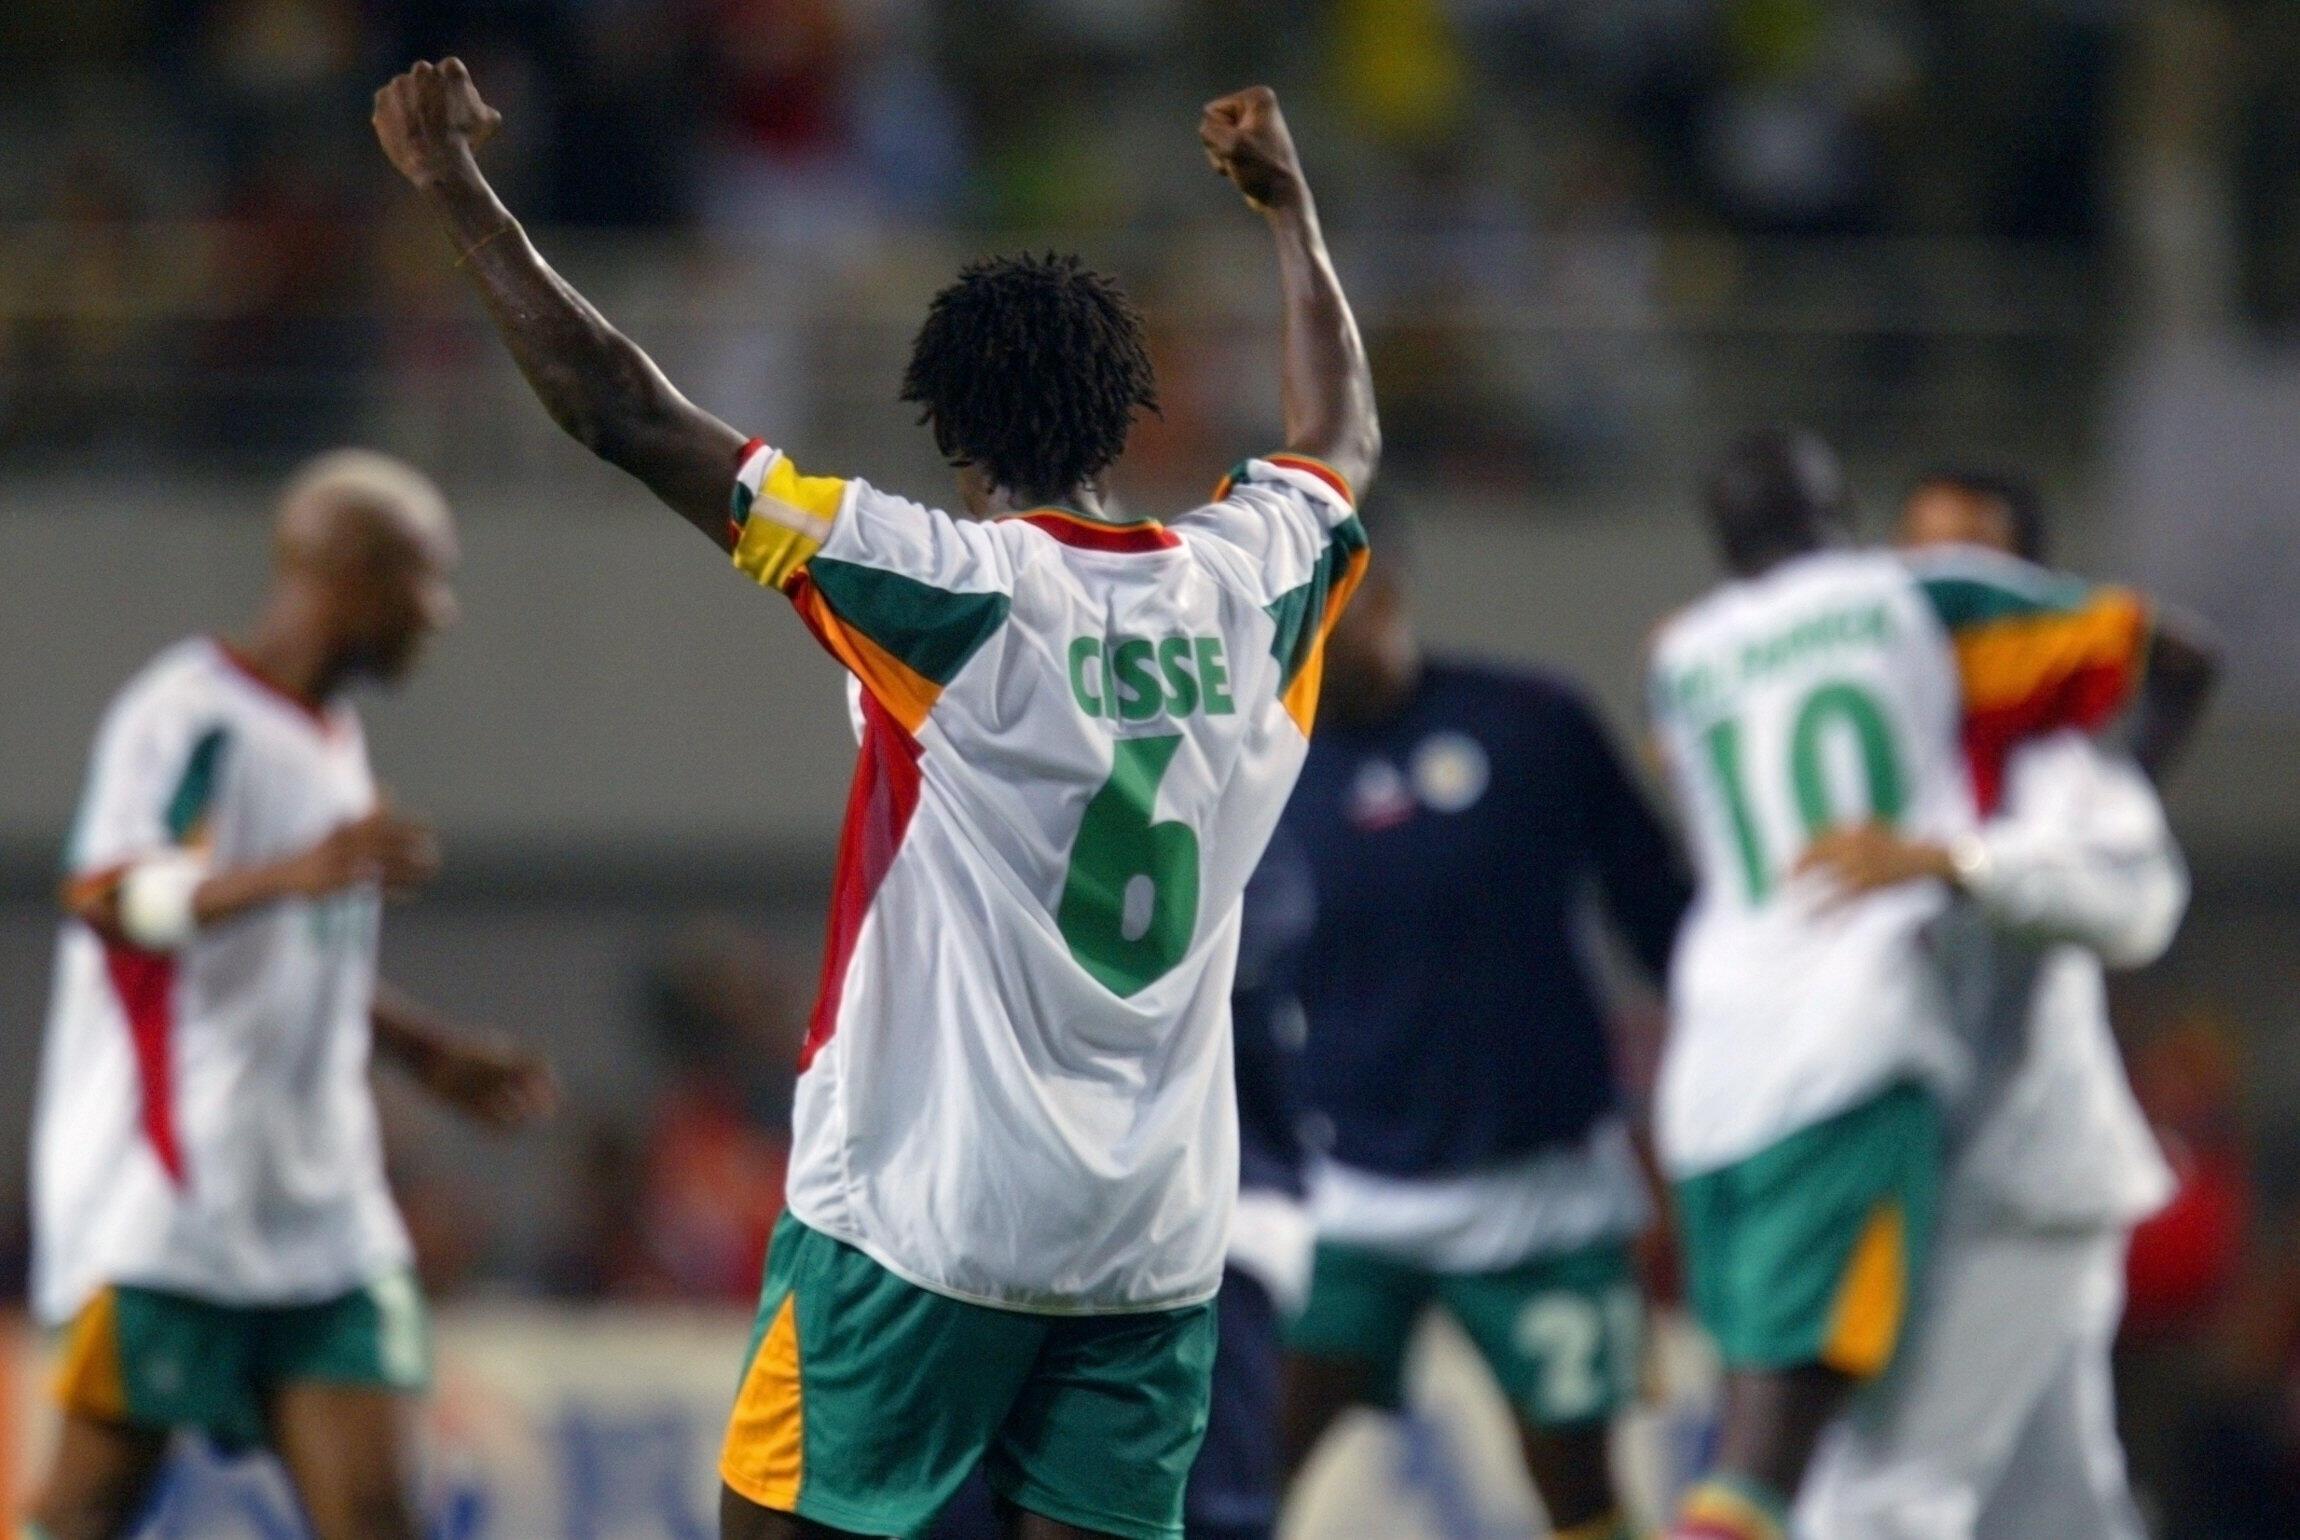 Aliou Cissé capitaine des Lions lors de la victoire historique du Sénégal contre la France à la Coupe du monde 2002.